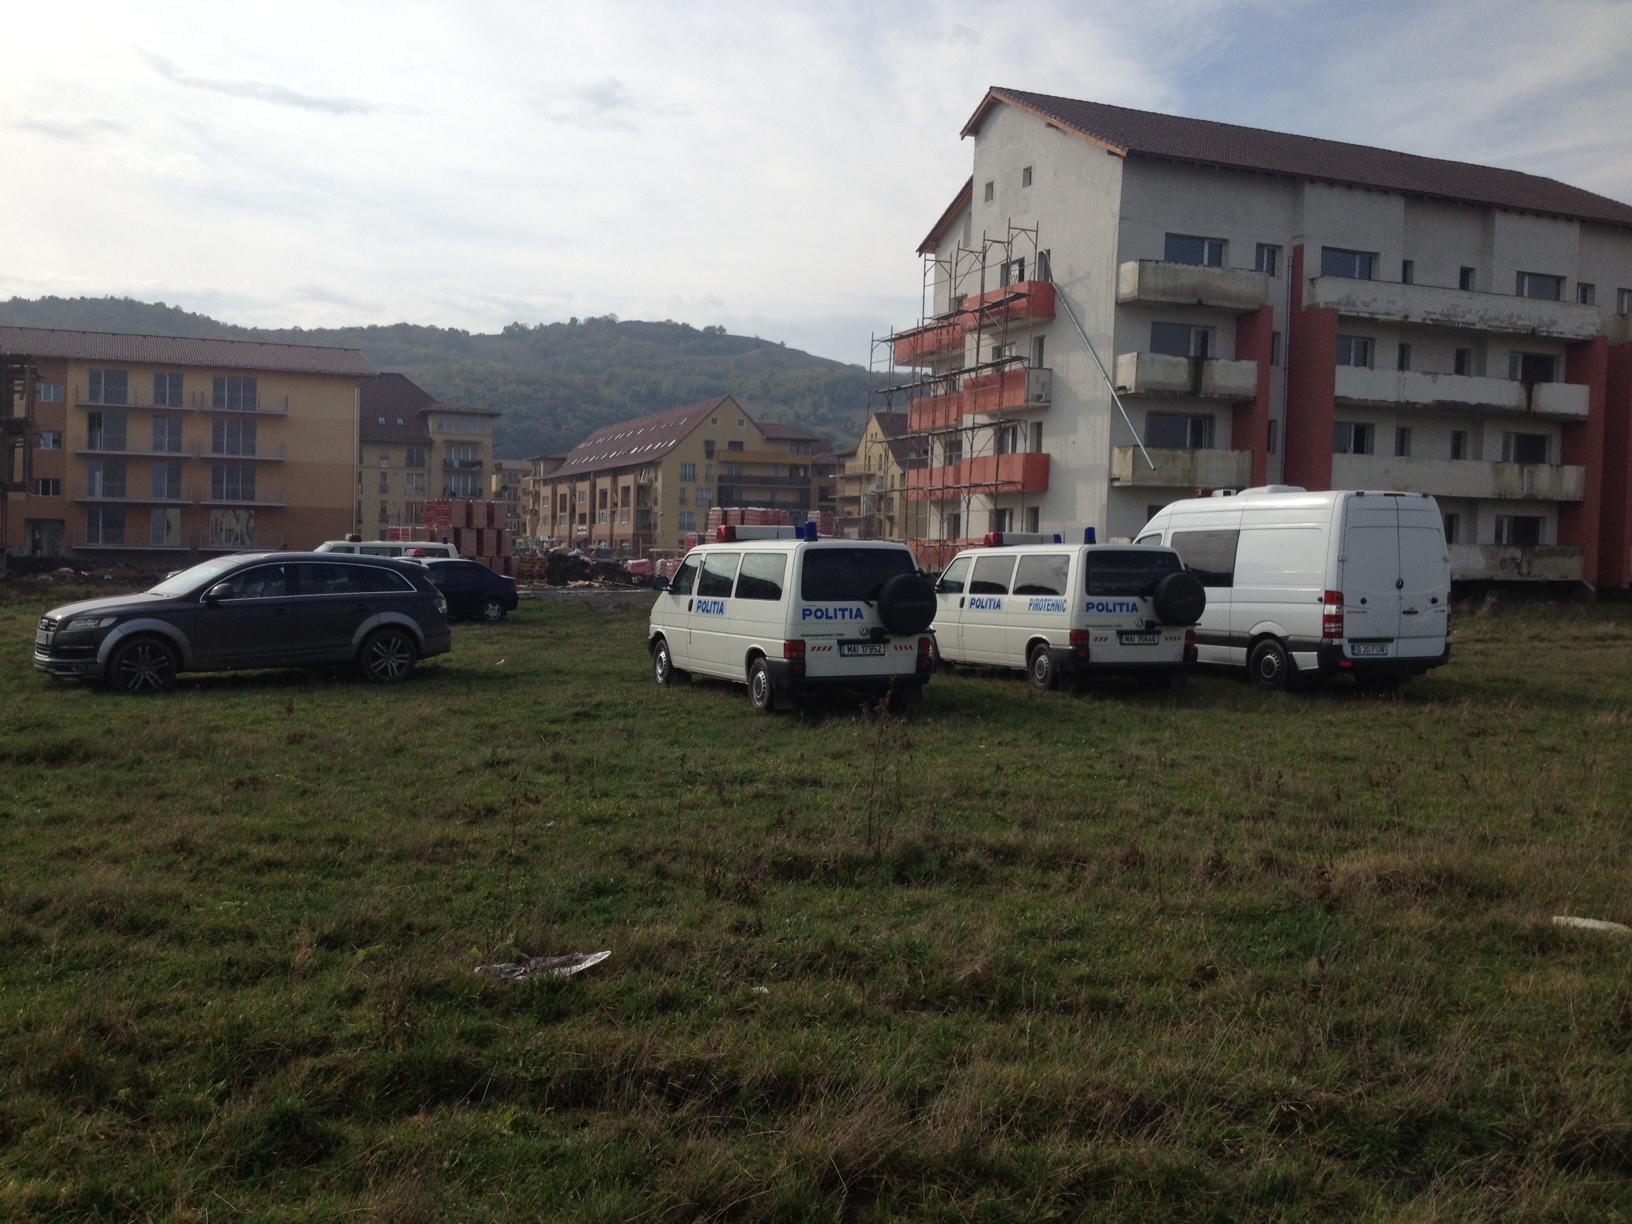 Mascații au descins în Florești, pe strada Porii, în zona Multiserv - FOTO și VIDEO